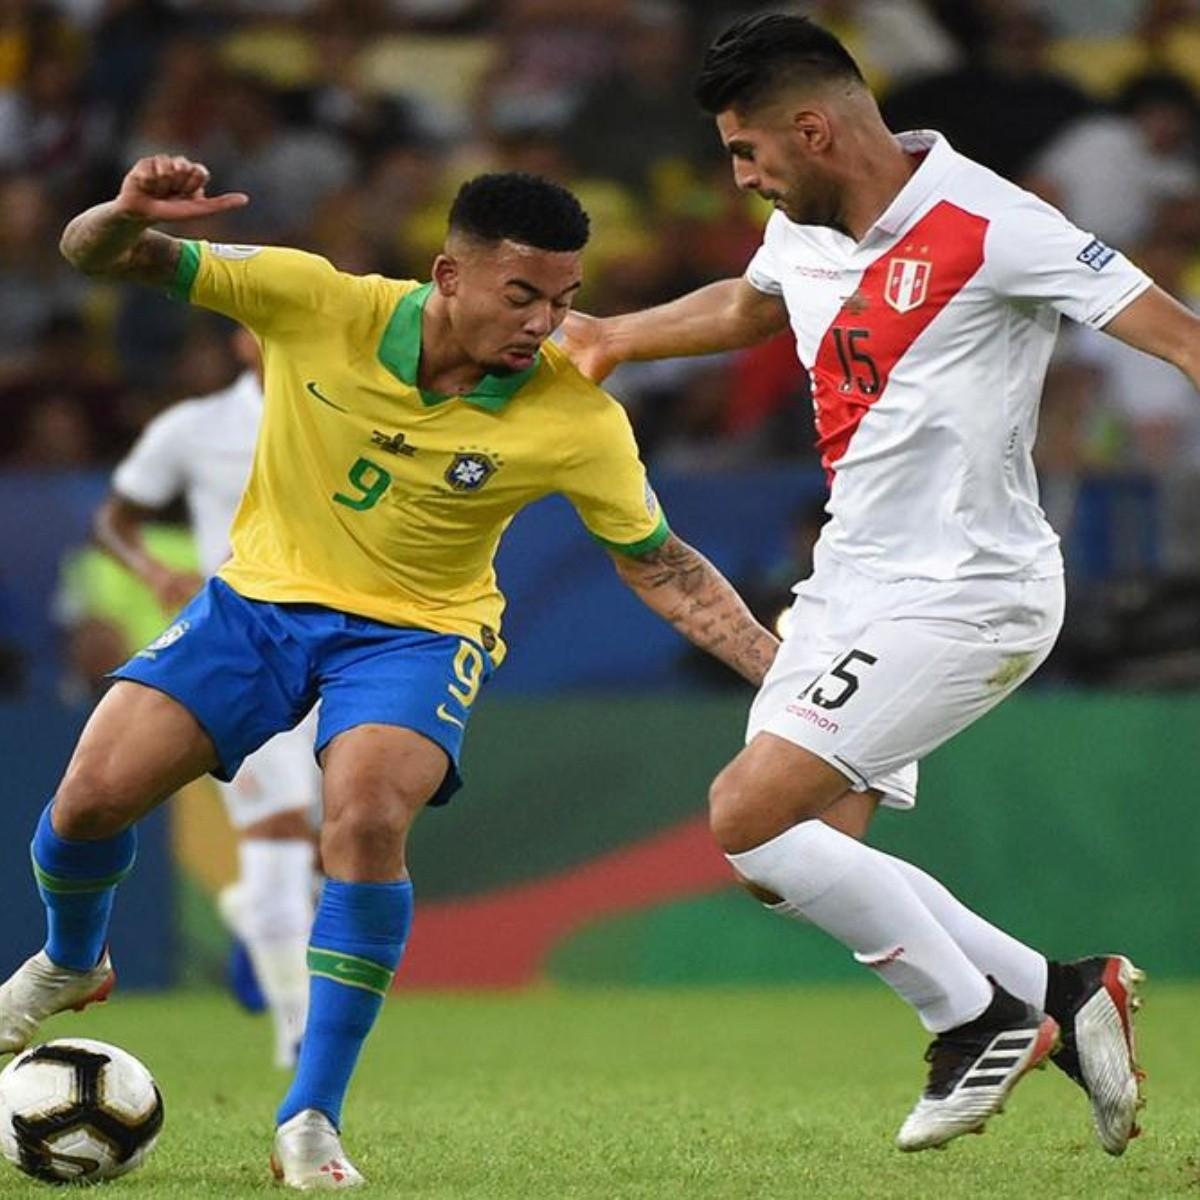 Brasil Vs Peru Cuando Donde Y Por Que Canal Ver El Partido De Hoy Por La Segunda Fecha De Las Eliminatorias De Conmebol Rumbo A Qatar 2022 Futbol Centroamerica